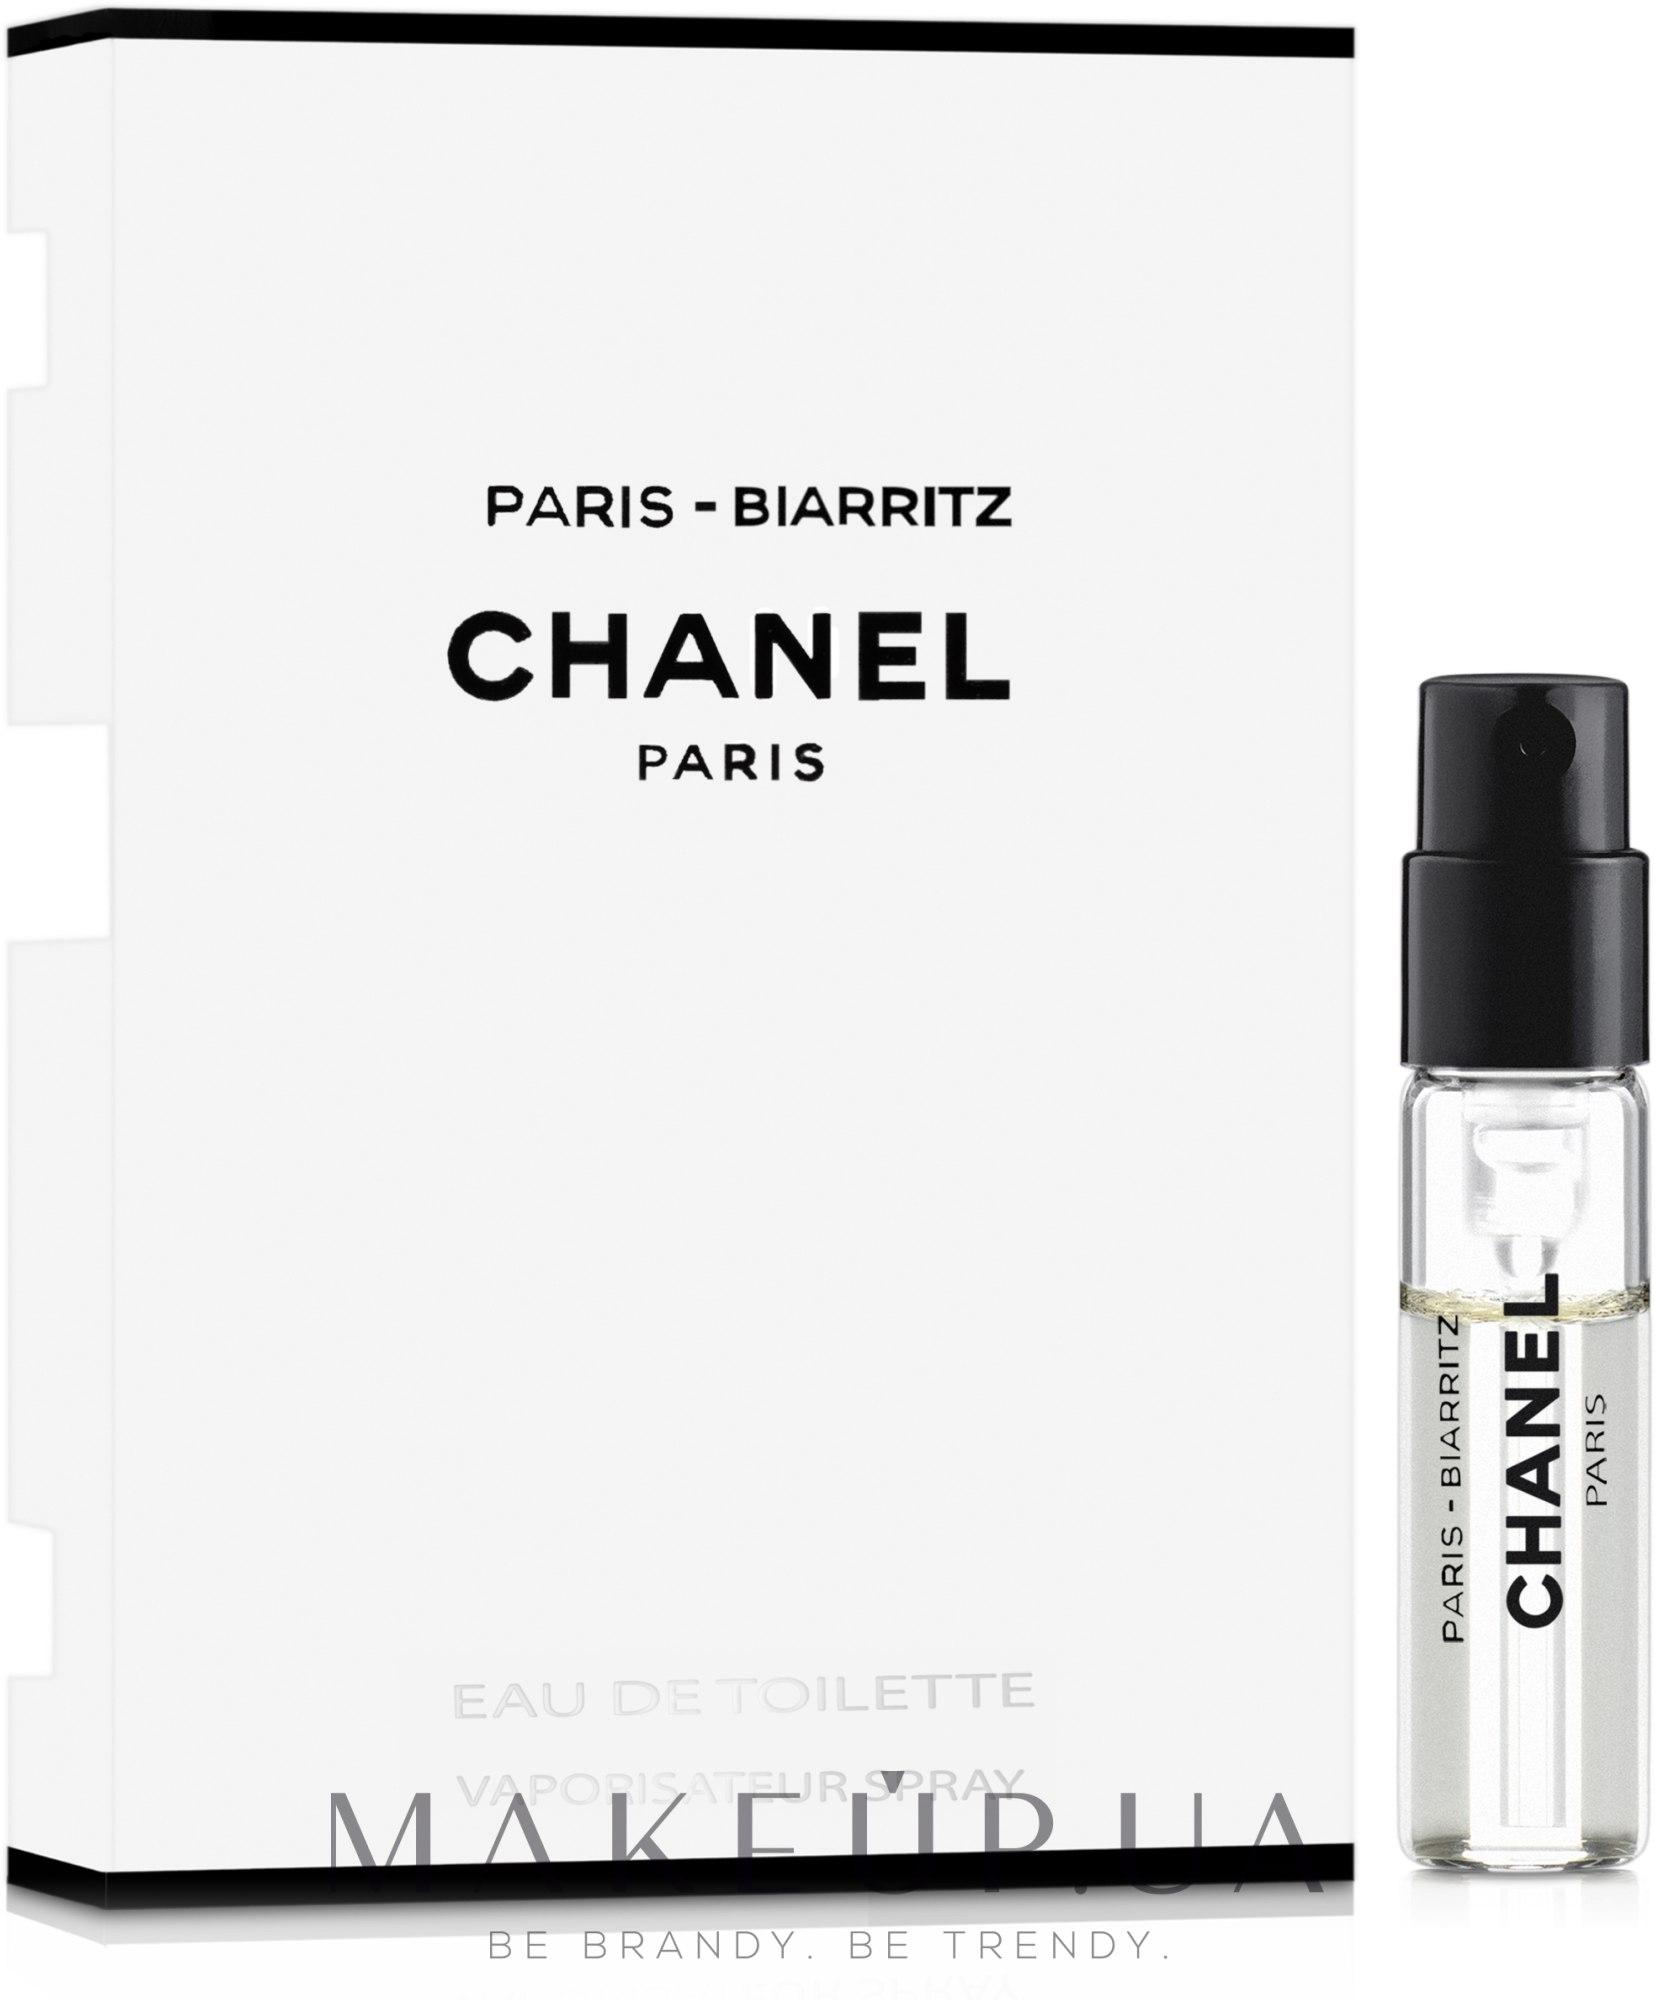 Makeup отзывы о Chanel Paris Biarritz туалетная вода пробник